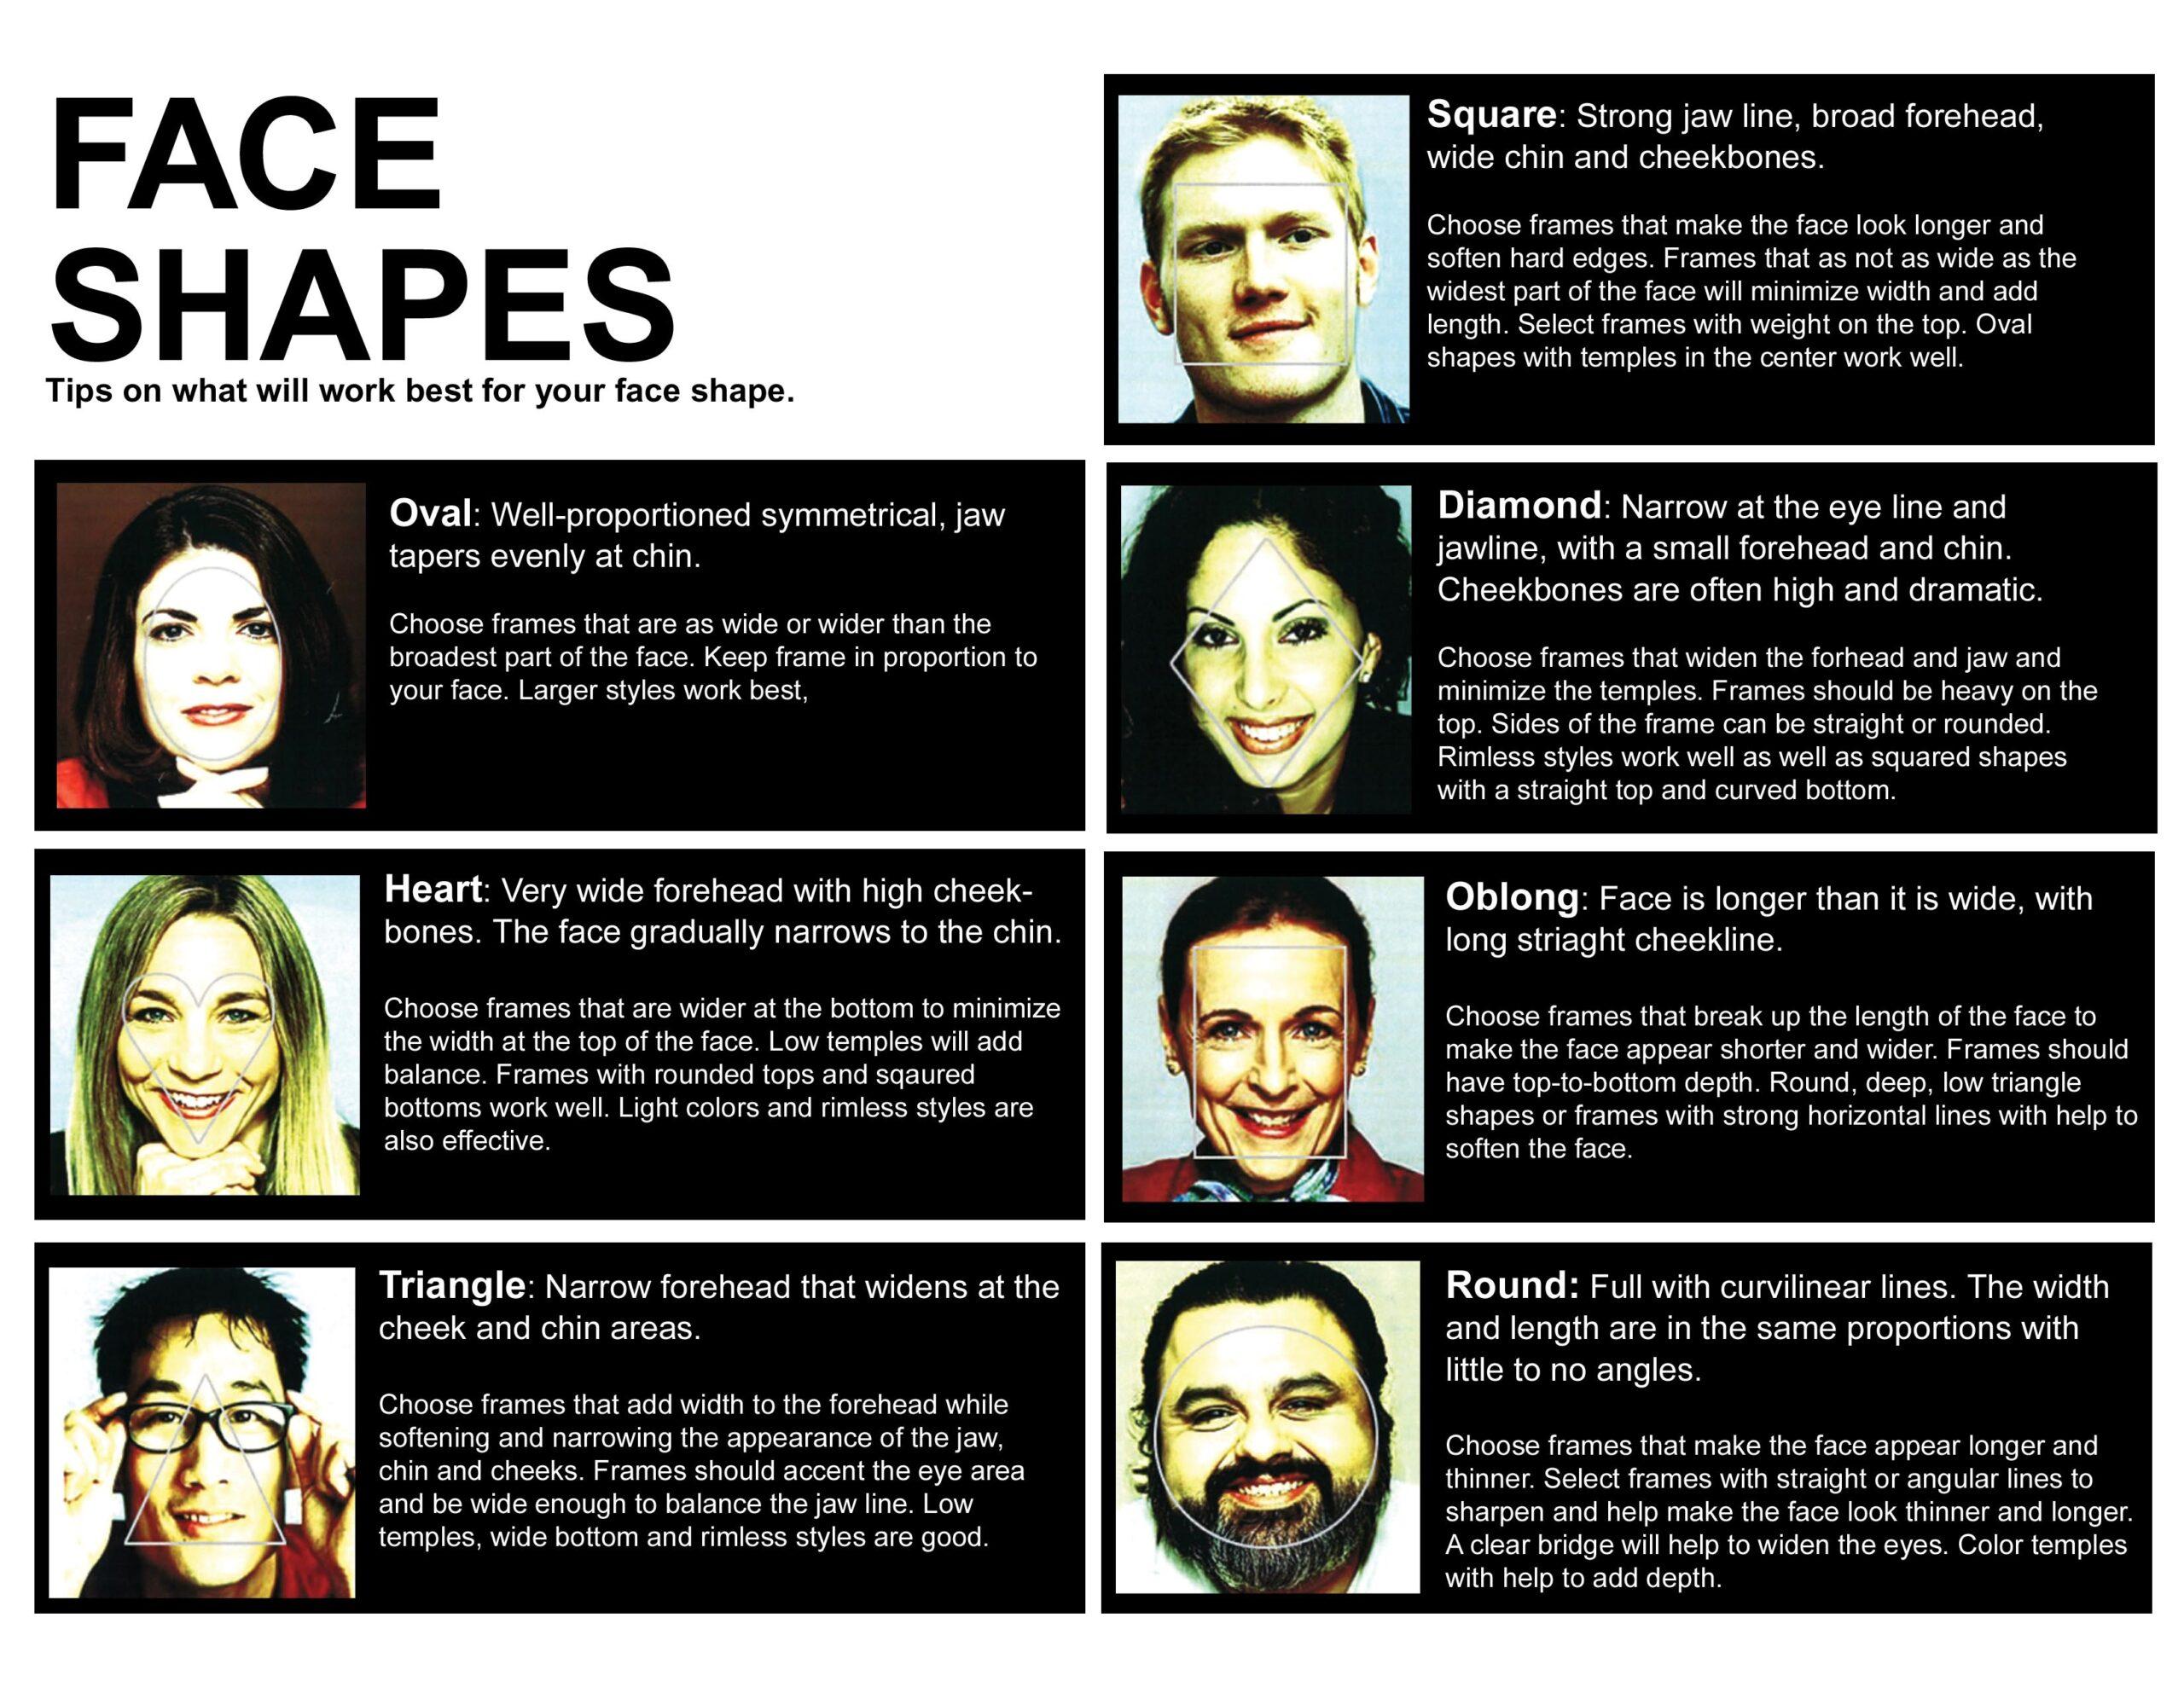 Glasses Frames For Every Face Shape : Eyeglasses For Every Face Shape - #BetterKC Segment 4/1/13 ...